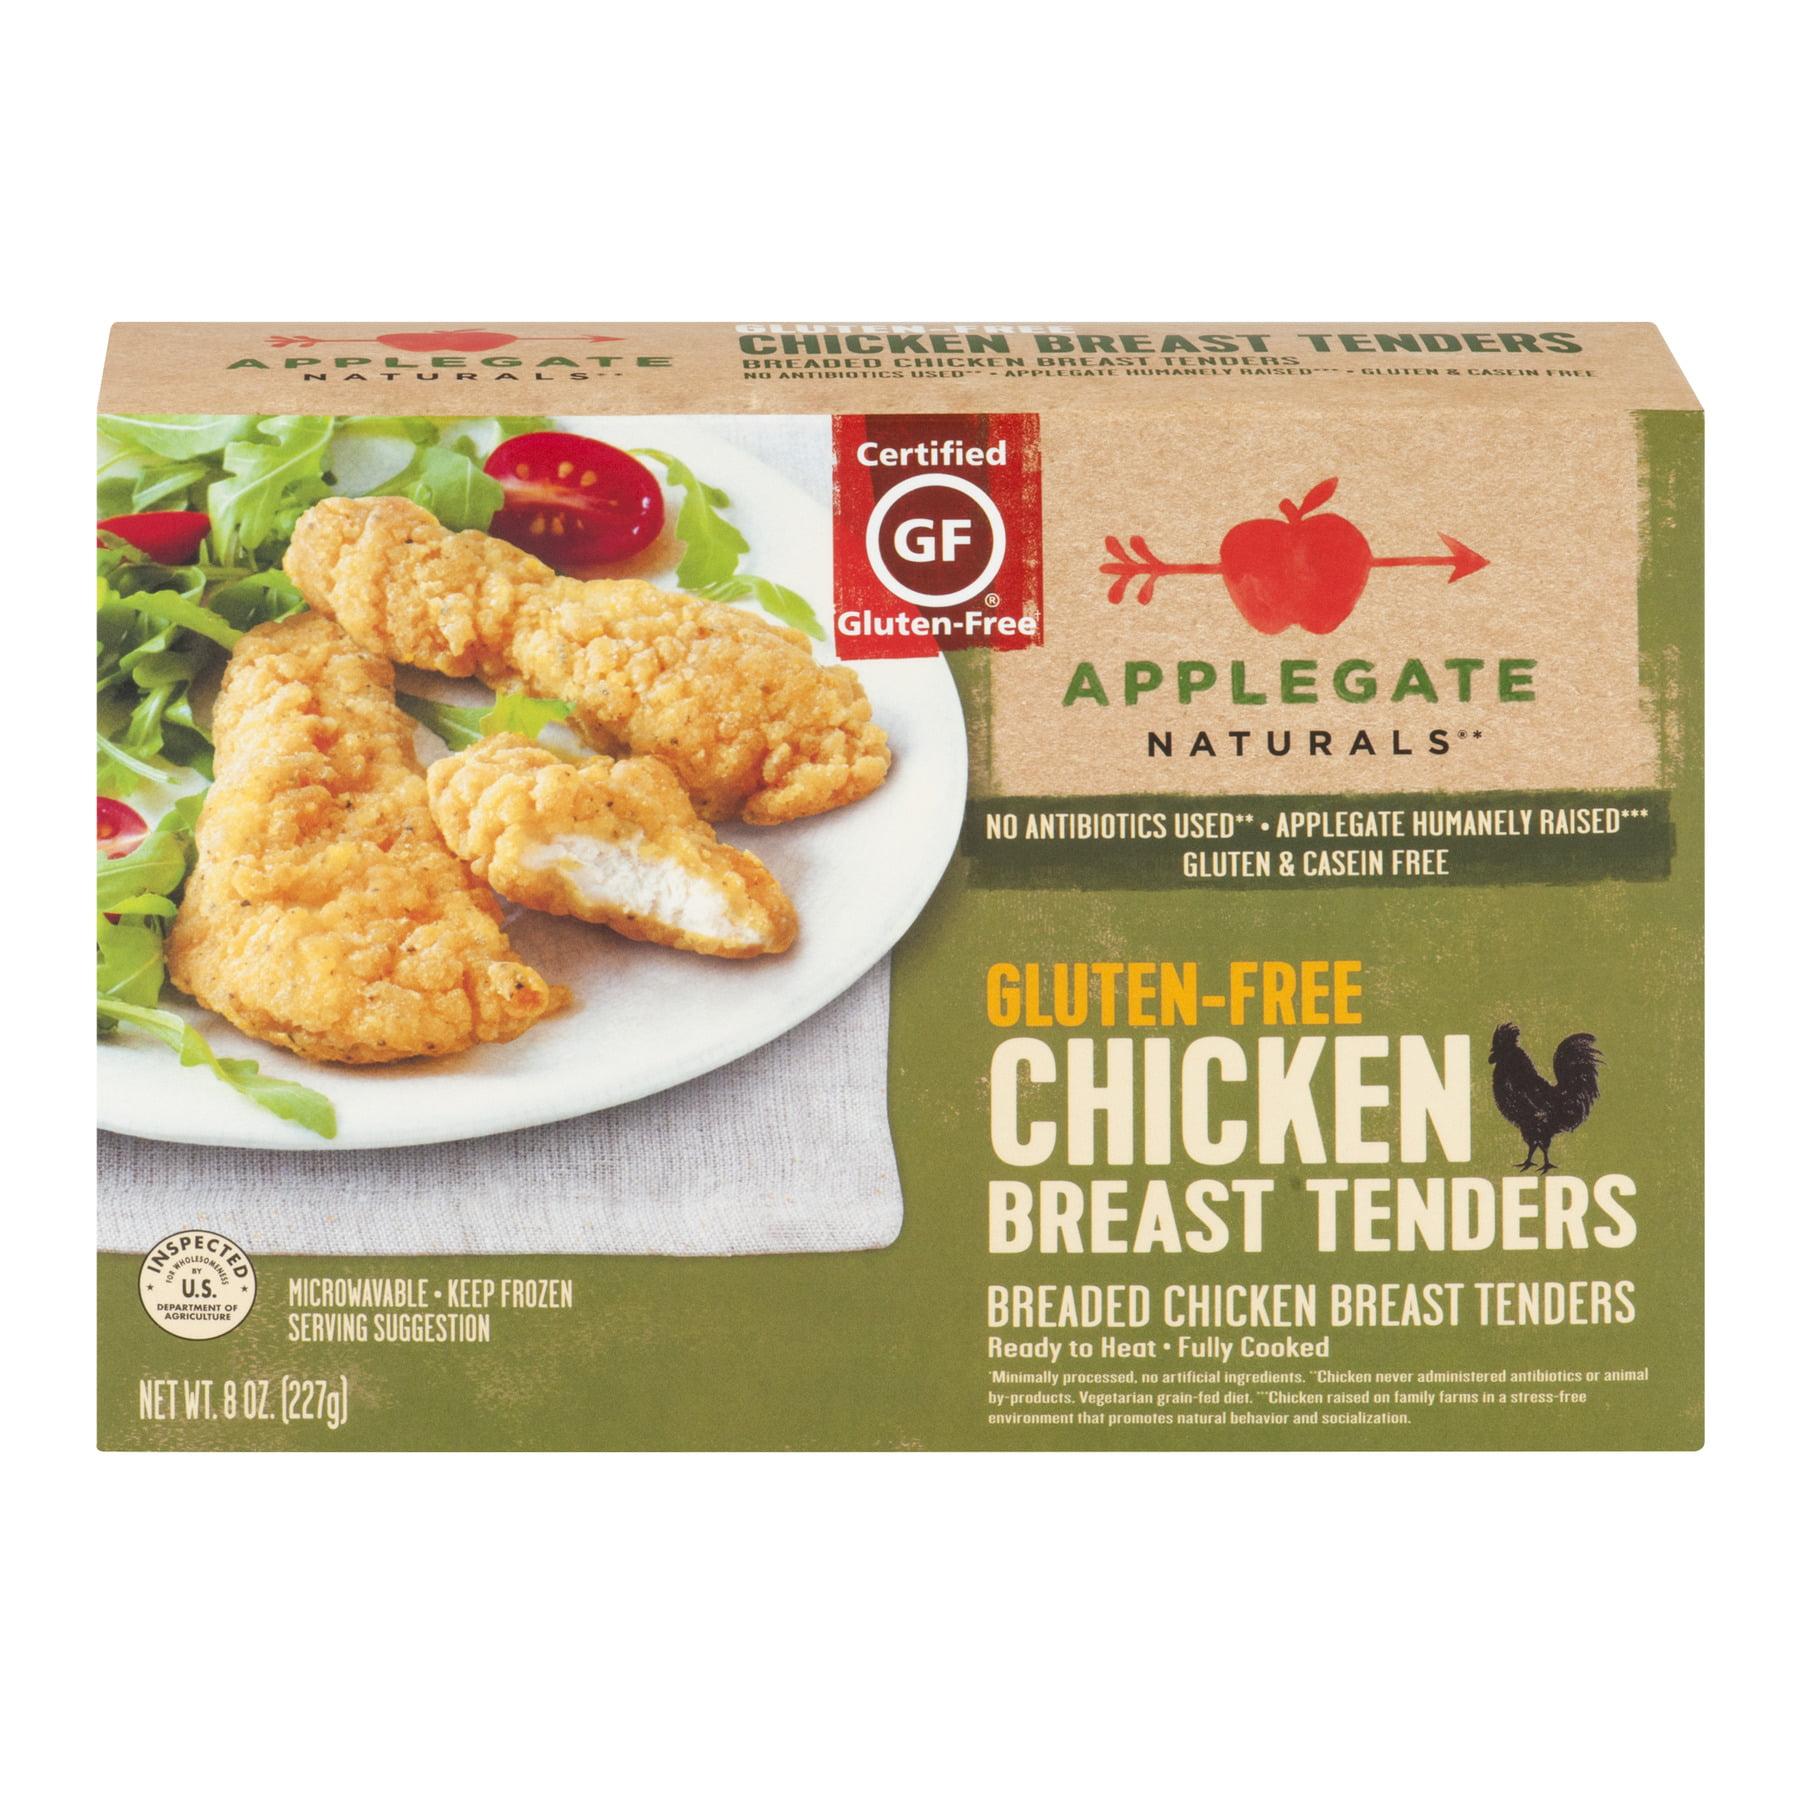 Applegate, Natural Gluten-Free Chicken Tenders, 8oz (Frozen), 8.0 OZ